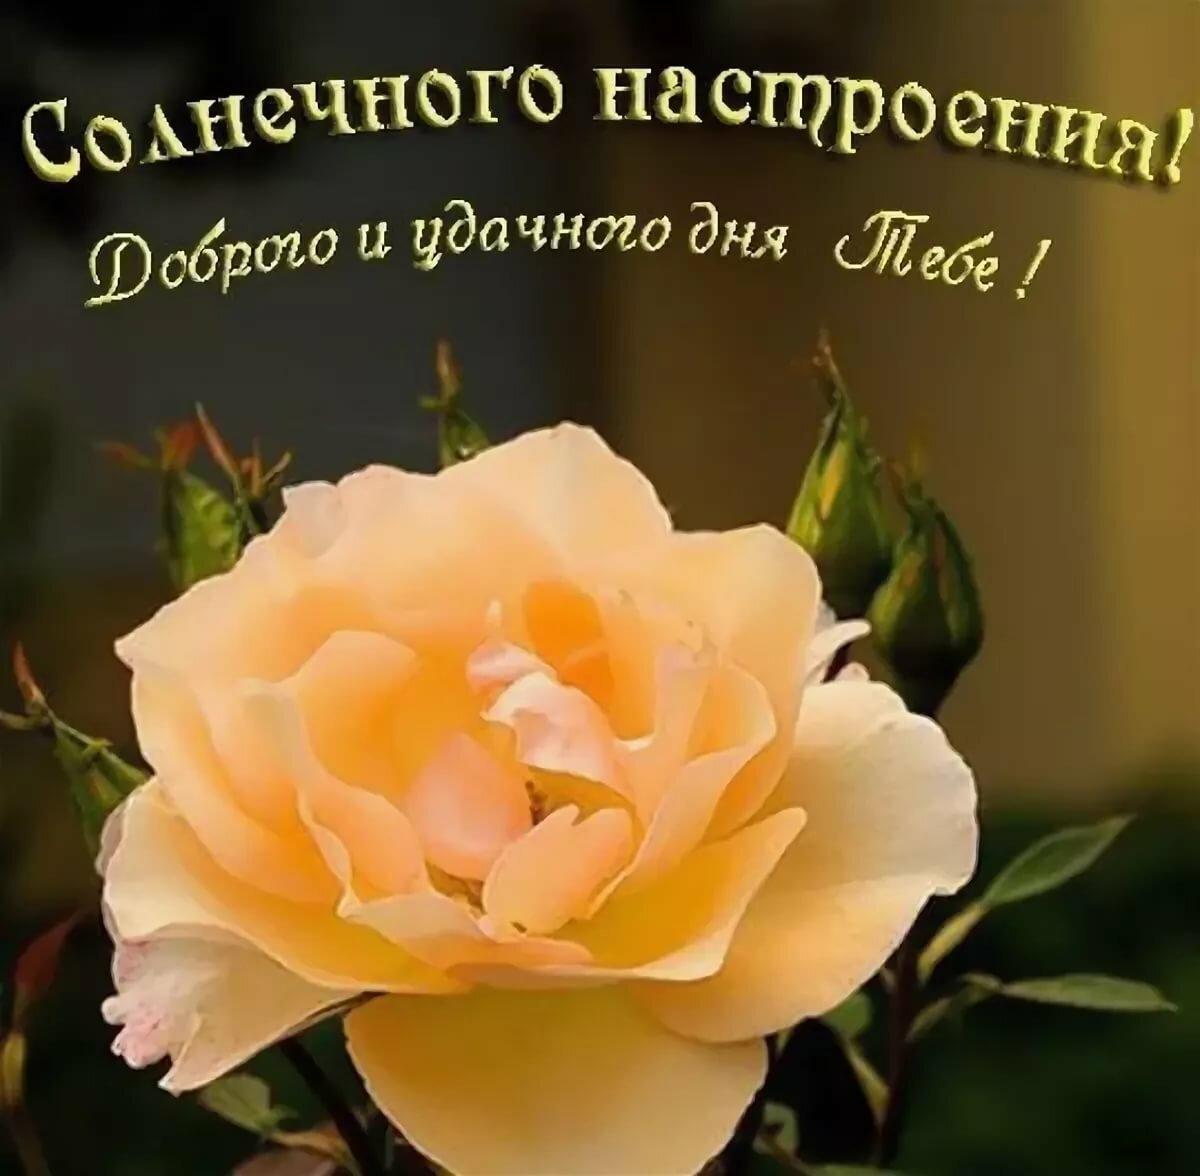 Шар, картинки с пожеланиями хорошего дня милому